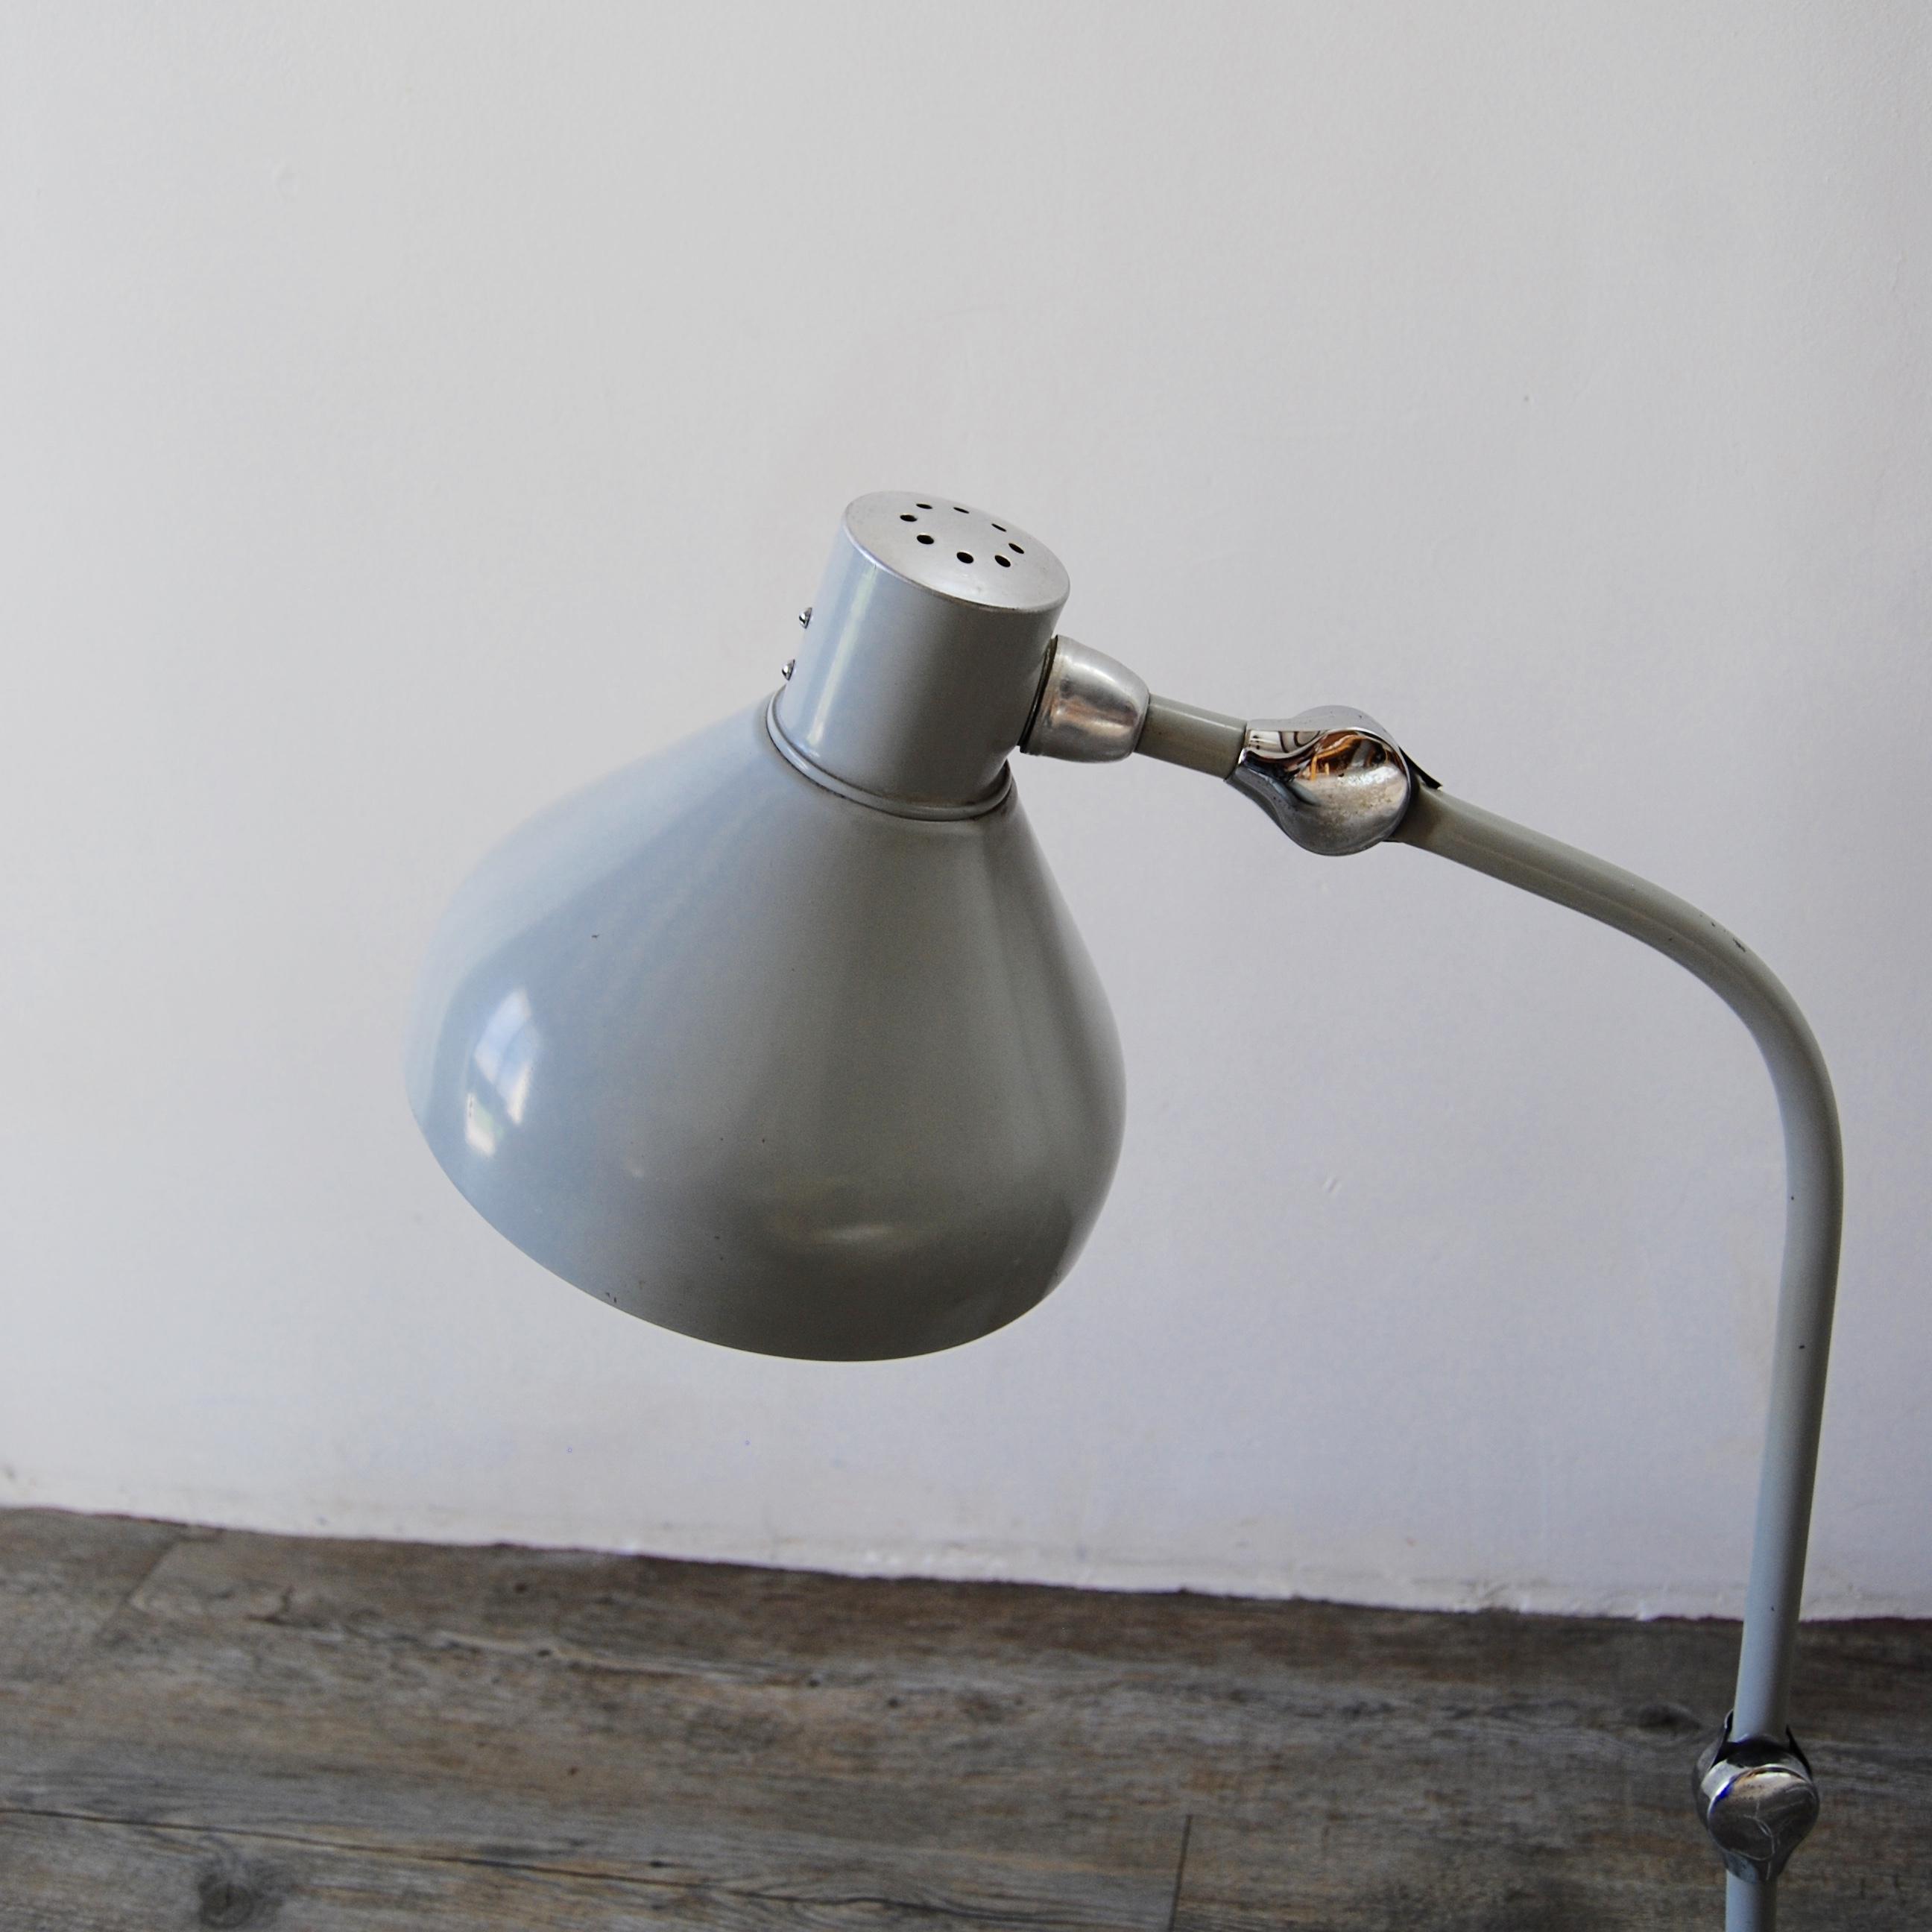 Lampe Industrielle Jumo Gs1 Grise Brocante Avenue